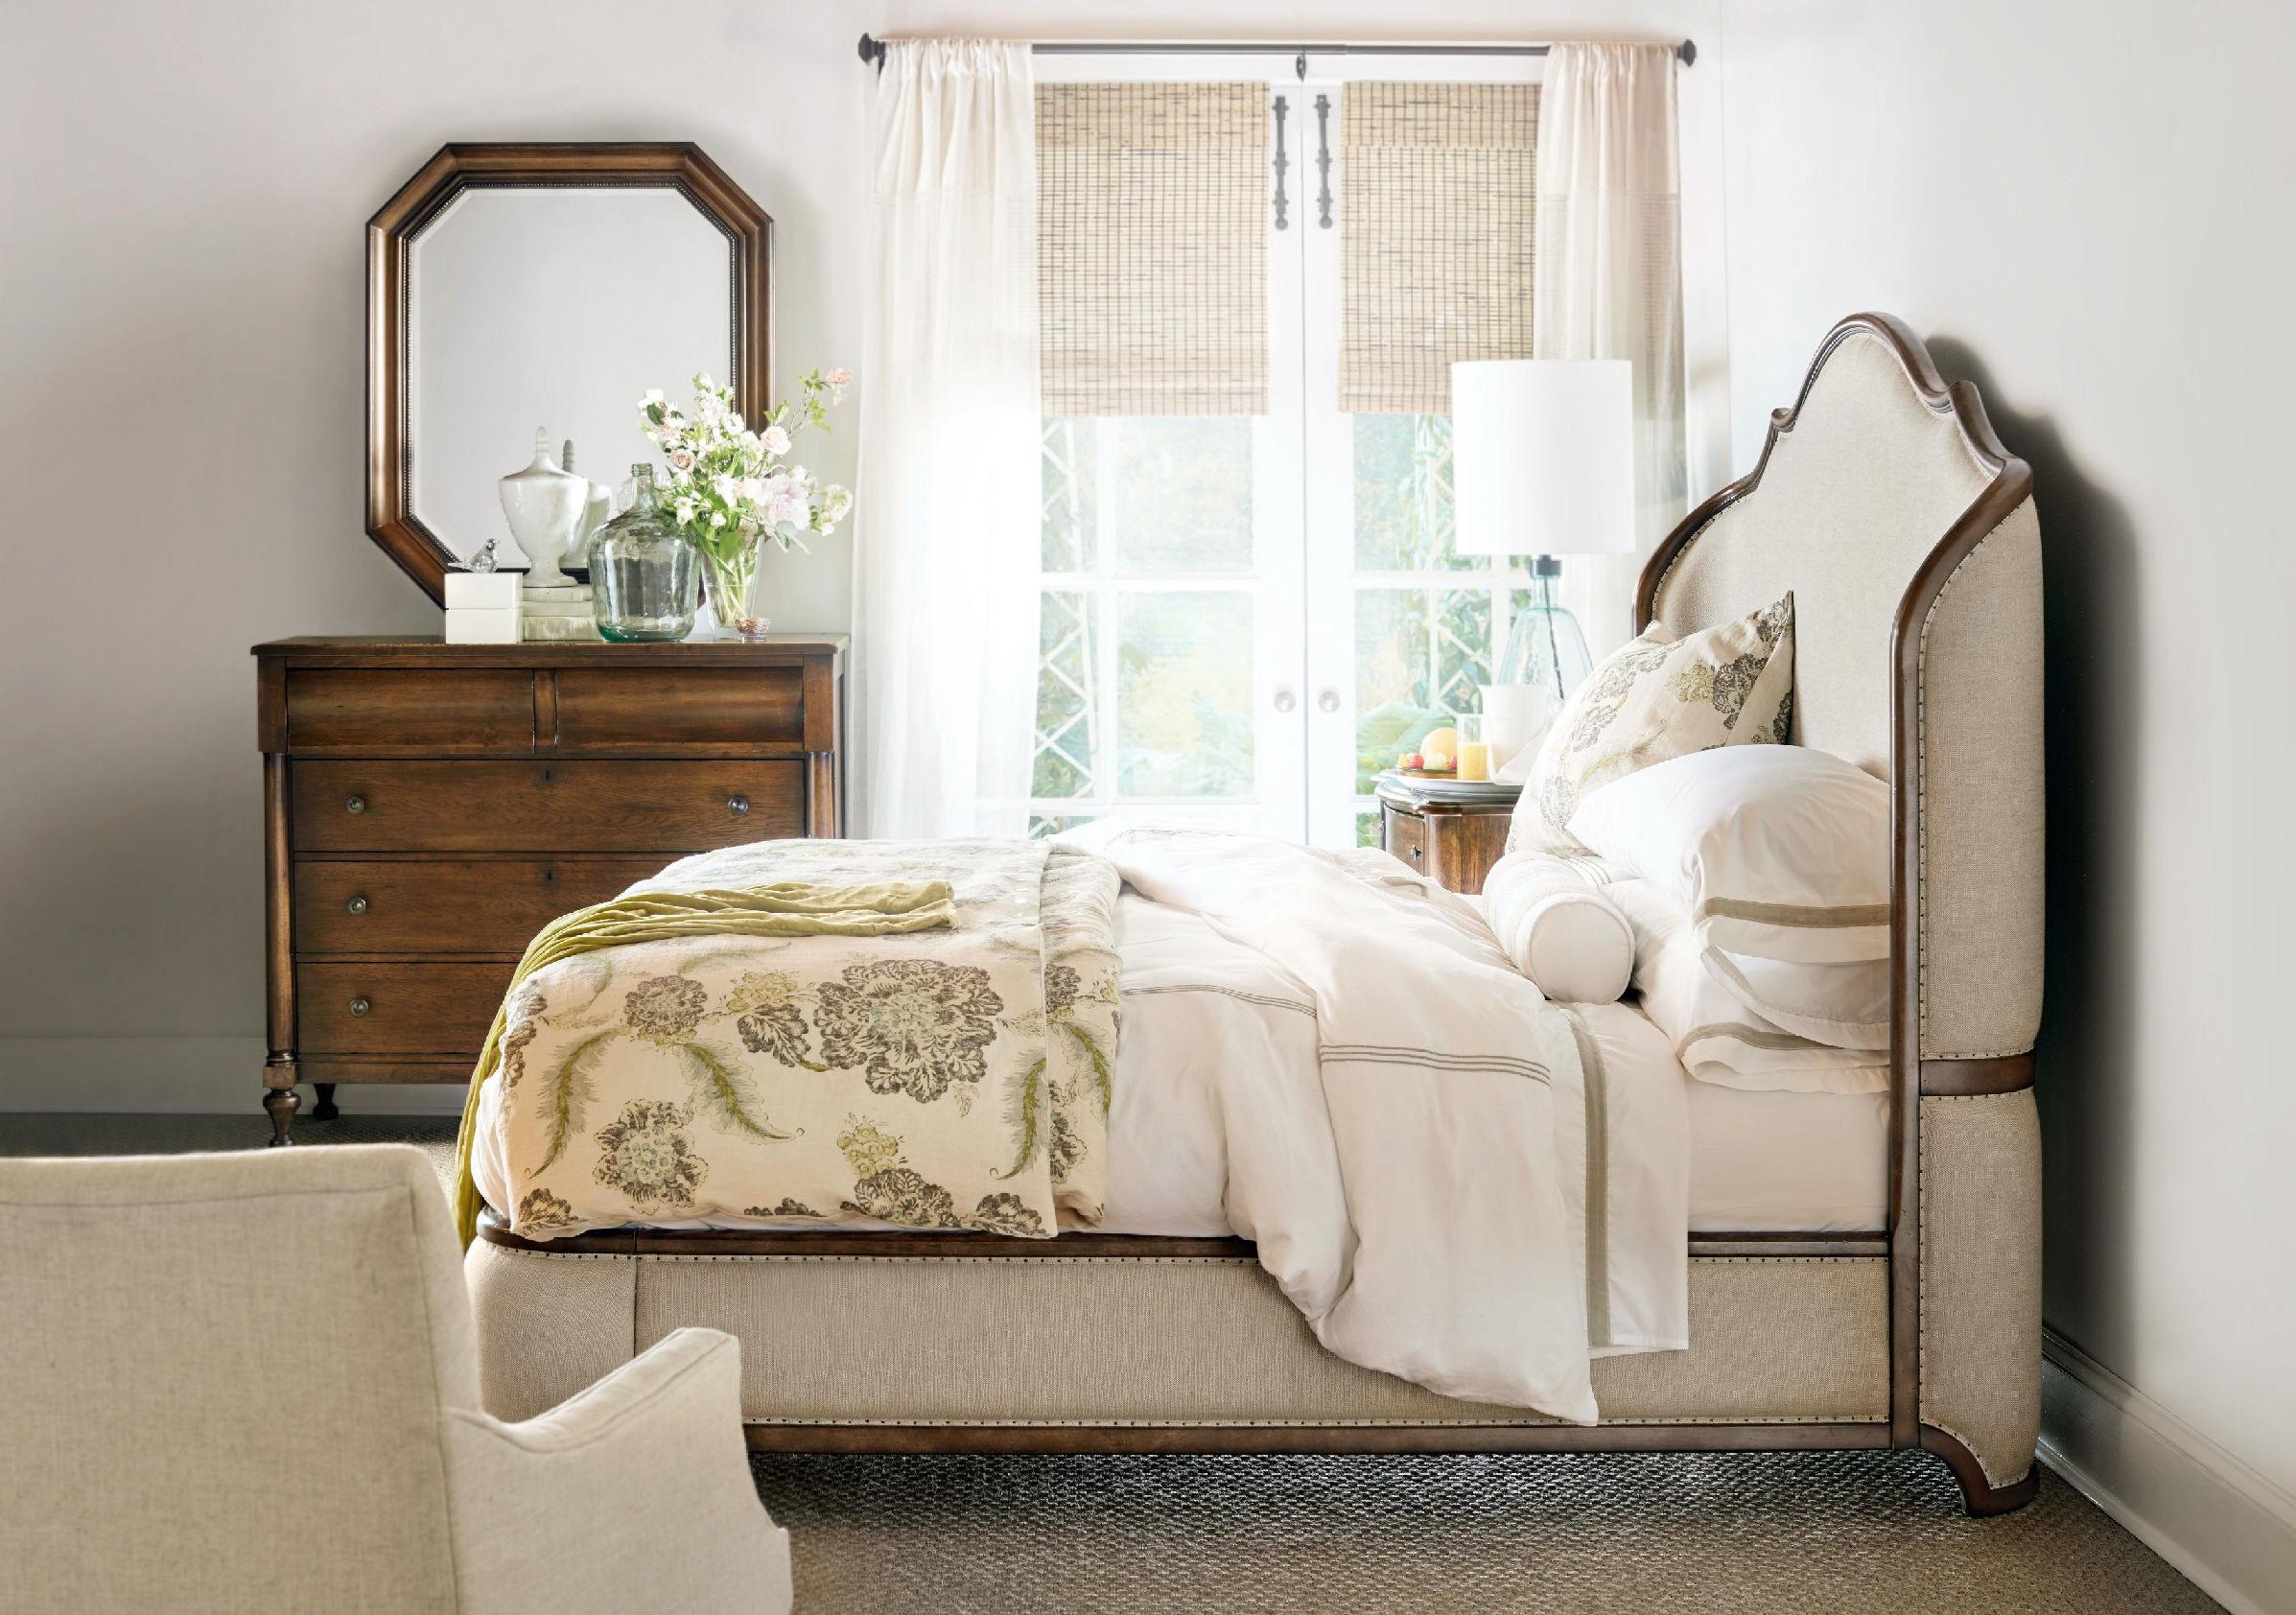 Hooker Furniture Bedroom Archivist California King Upholstered Bed ...